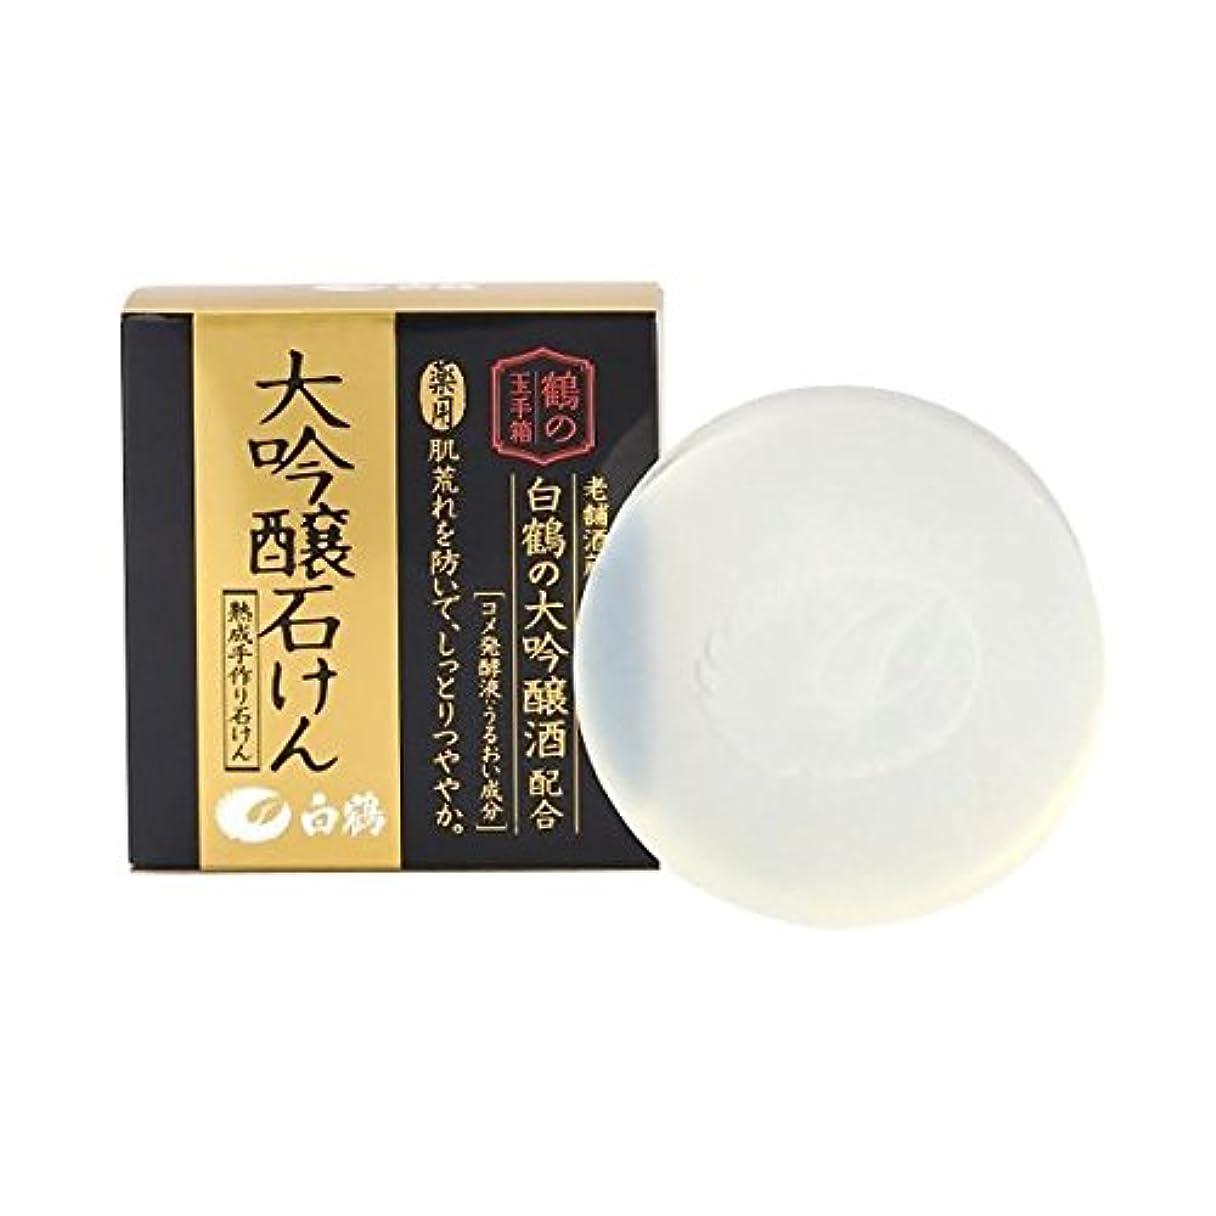 放射性申請中白鶴 鶴の玉手箱 大吟醸石けん 100g × 3個 (薬用)(医薬部外品)